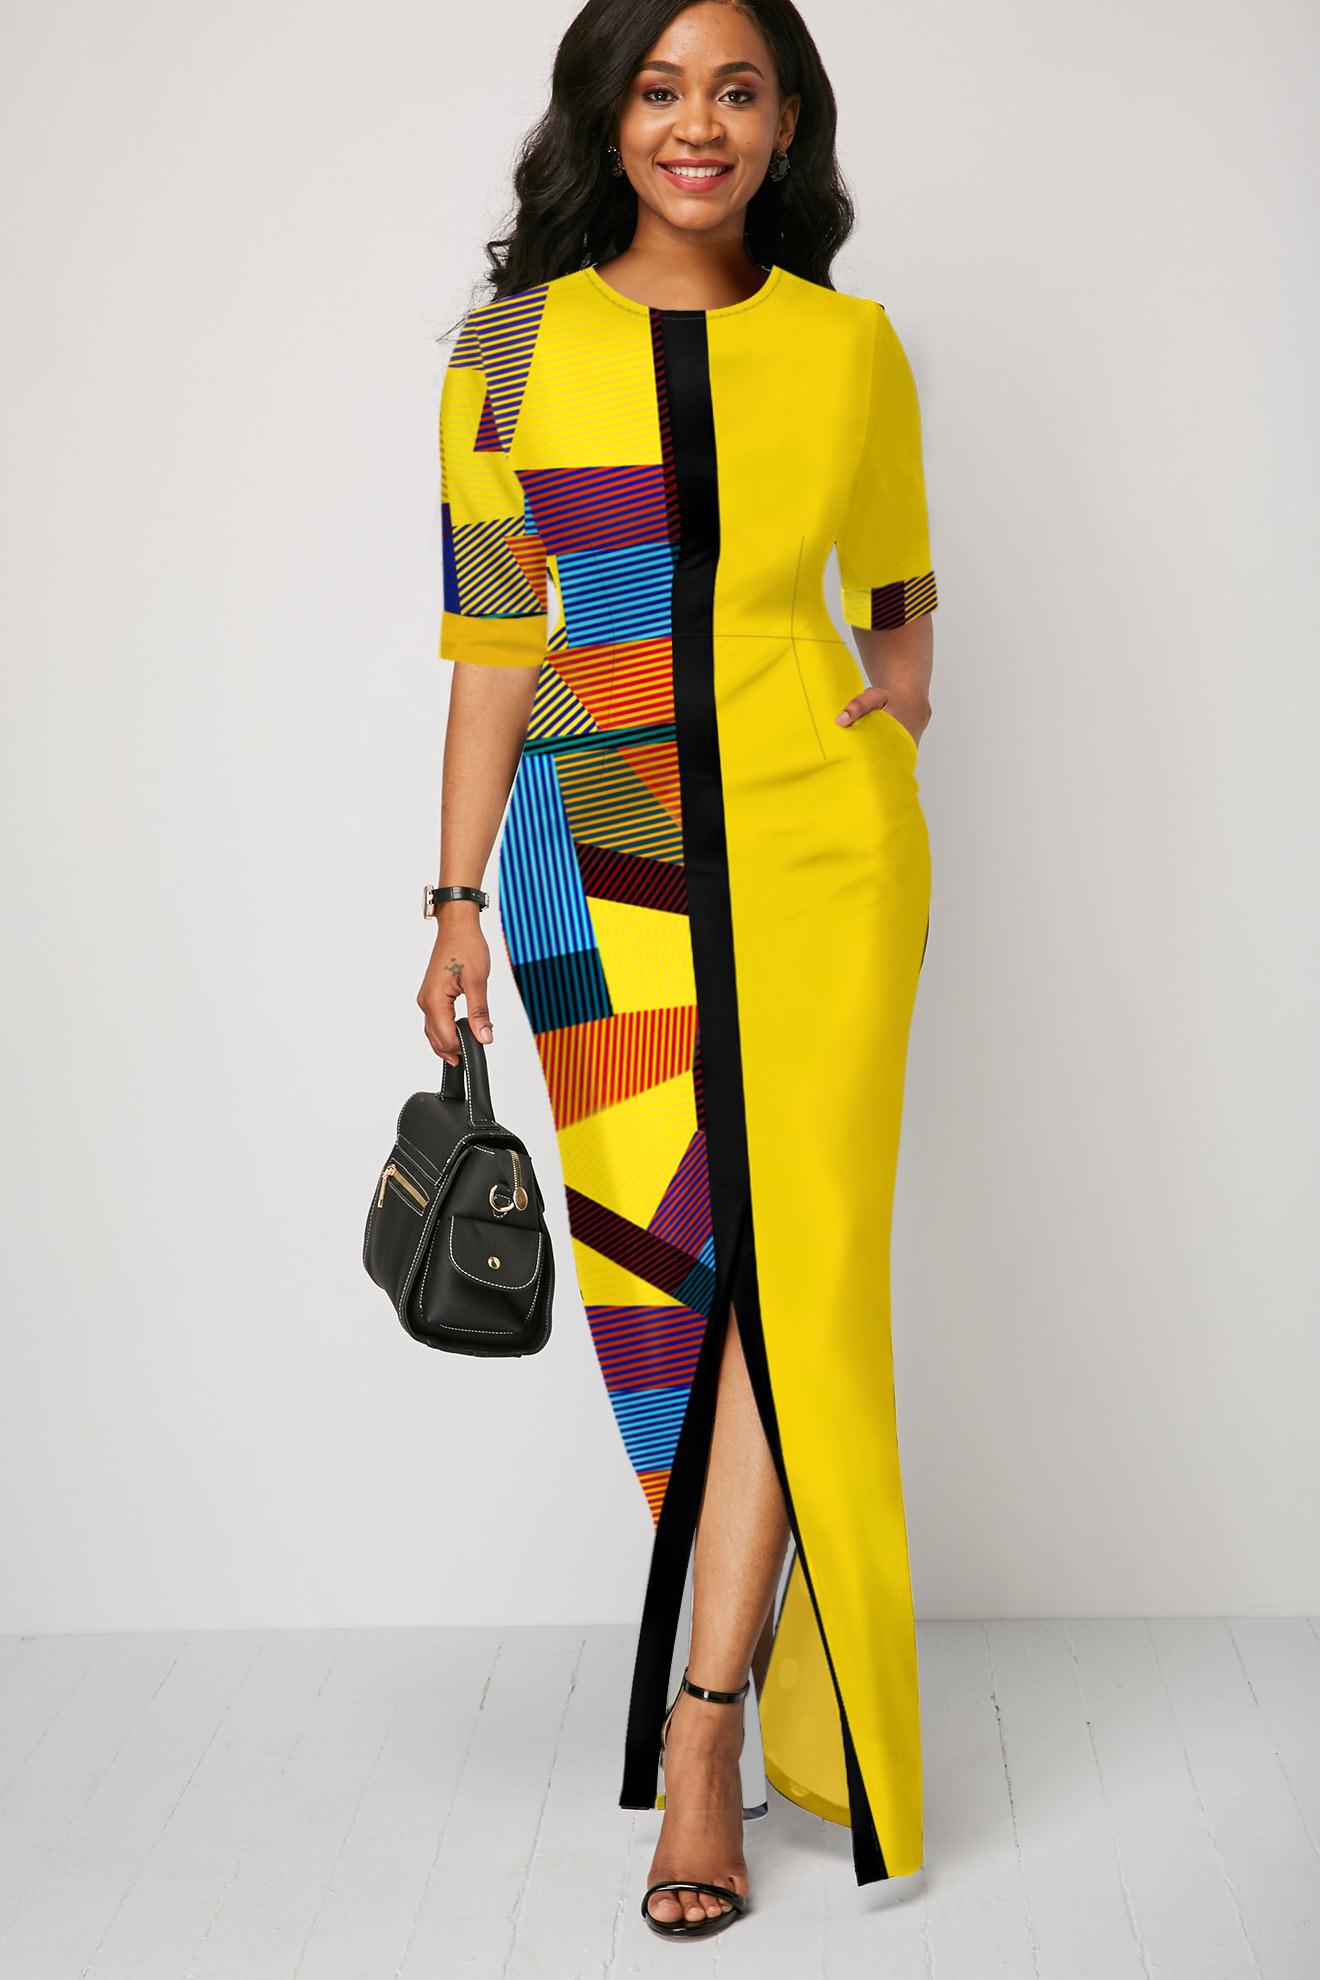 ROTITA Geometric Print Slit Multi Color Half Sleeve Maxi Dress